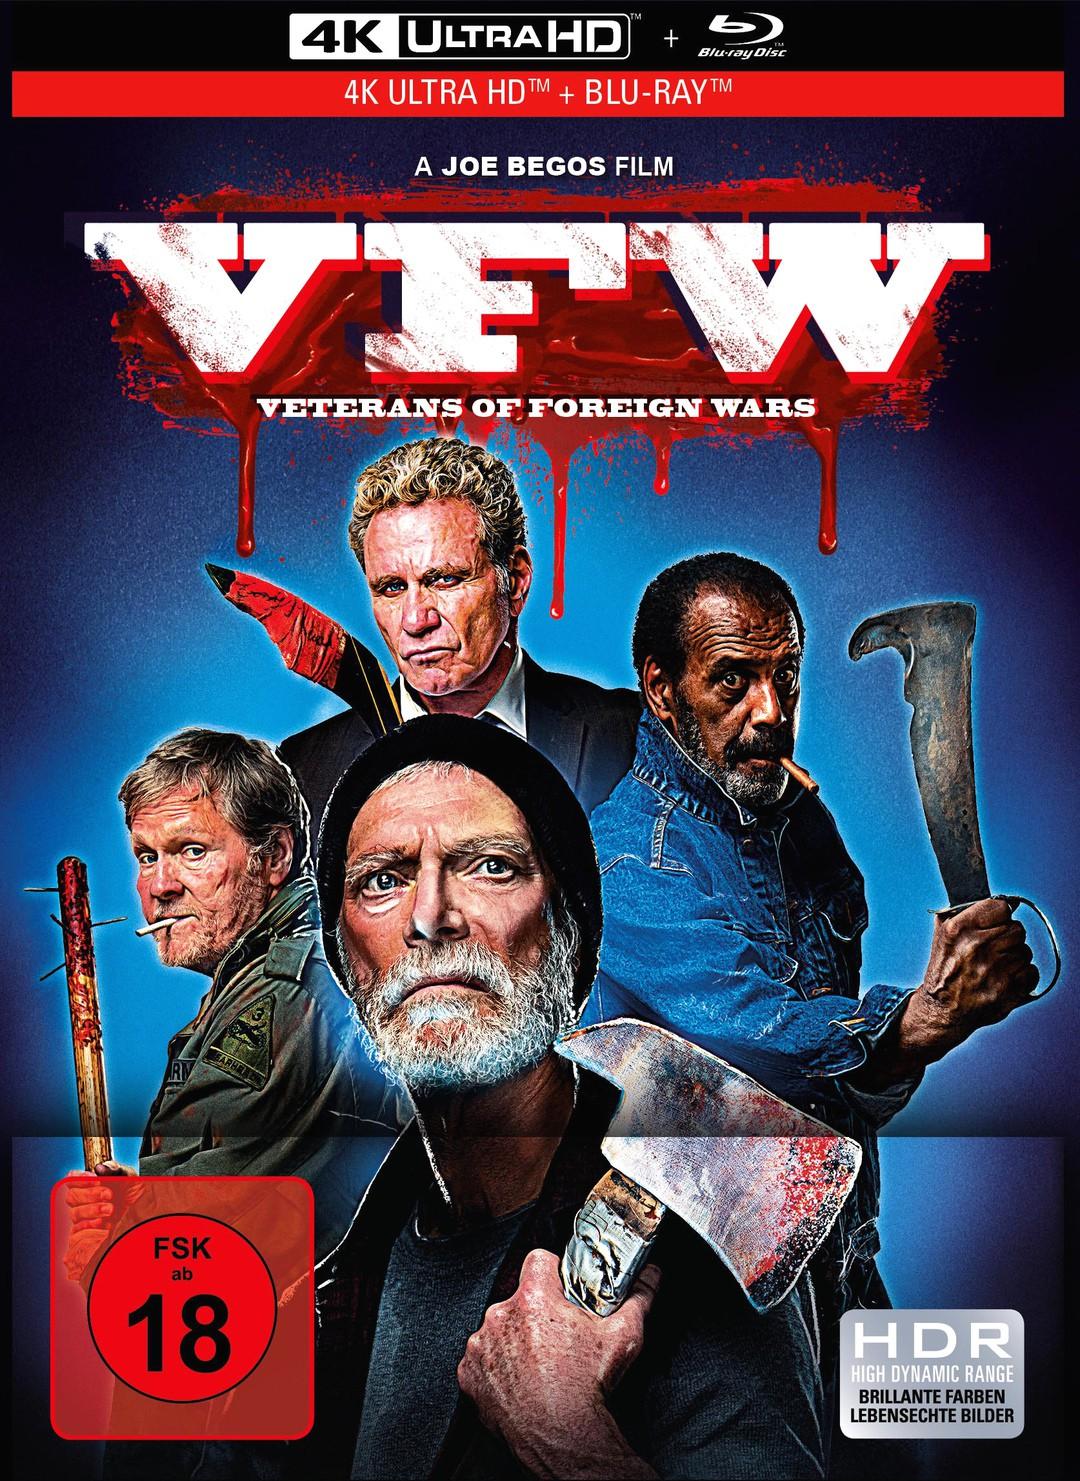 VFW Trailer - Veterans of Foreign Wars - Bild 1 von 13